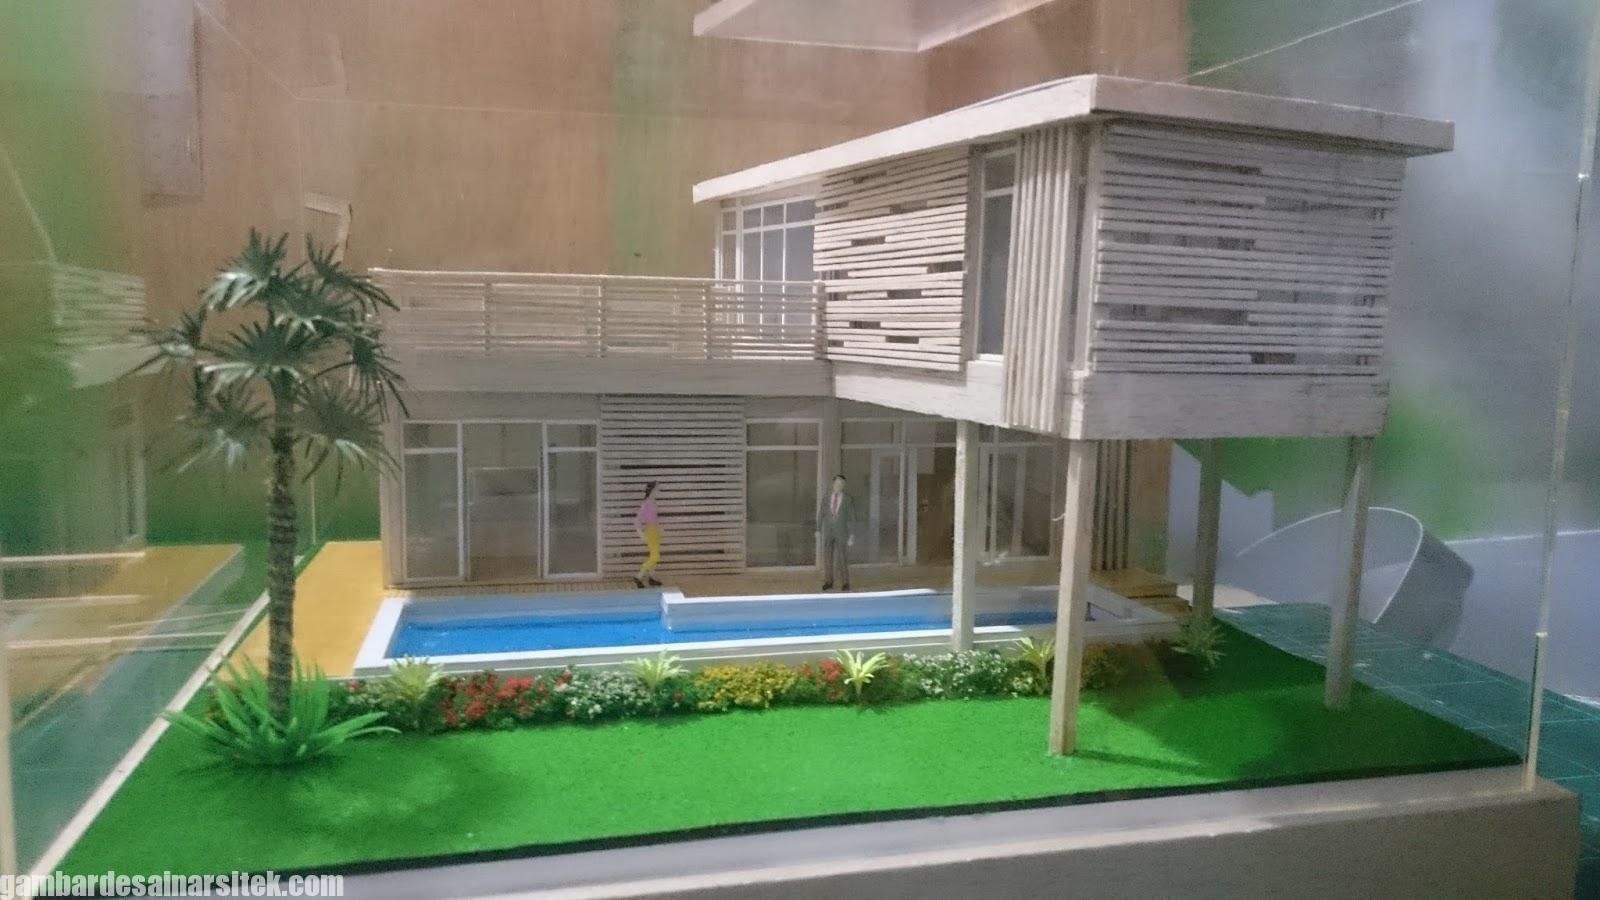 Maket Arsitektur Miniatur Model 25 c